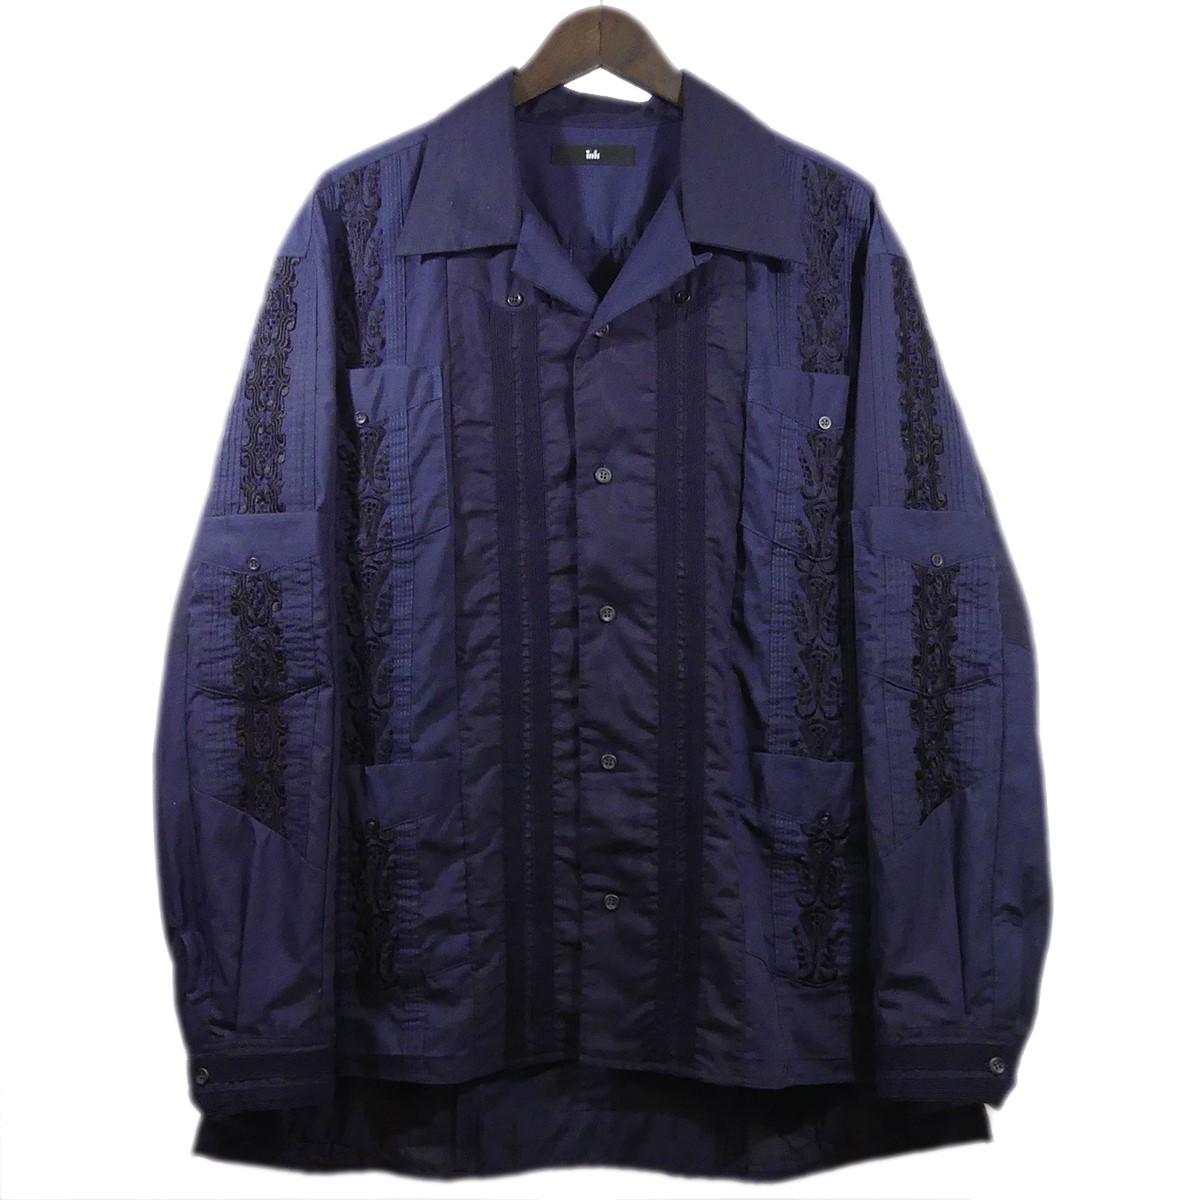 【中古】INK UNITY CODA オープンカラー シャツ ネイビー サイズ:M 【300420】(インク)